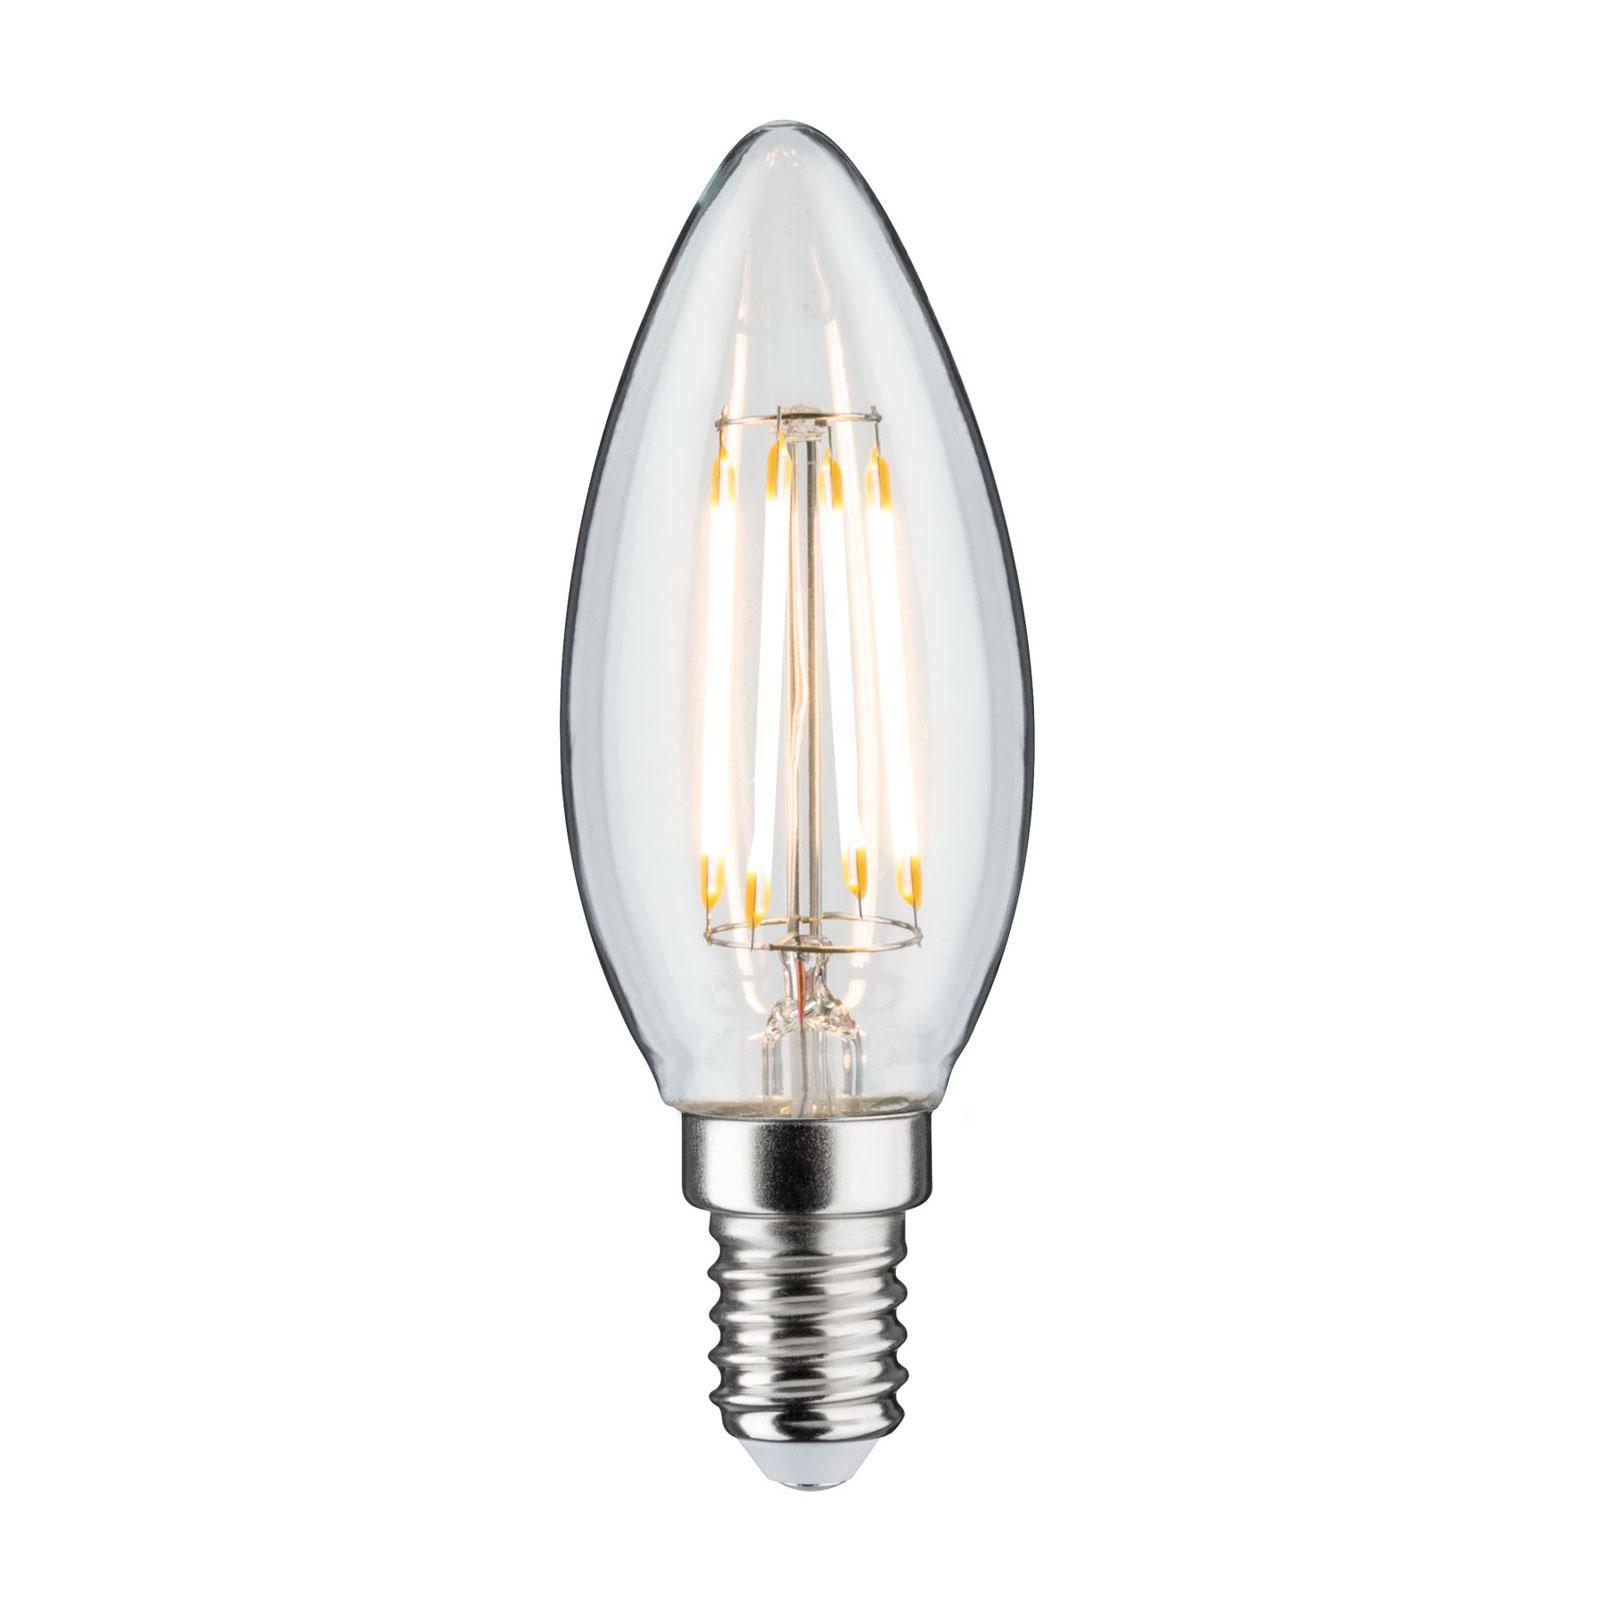 LED-kertepære E14 4,8W filament 2.700K, kan dæmpes